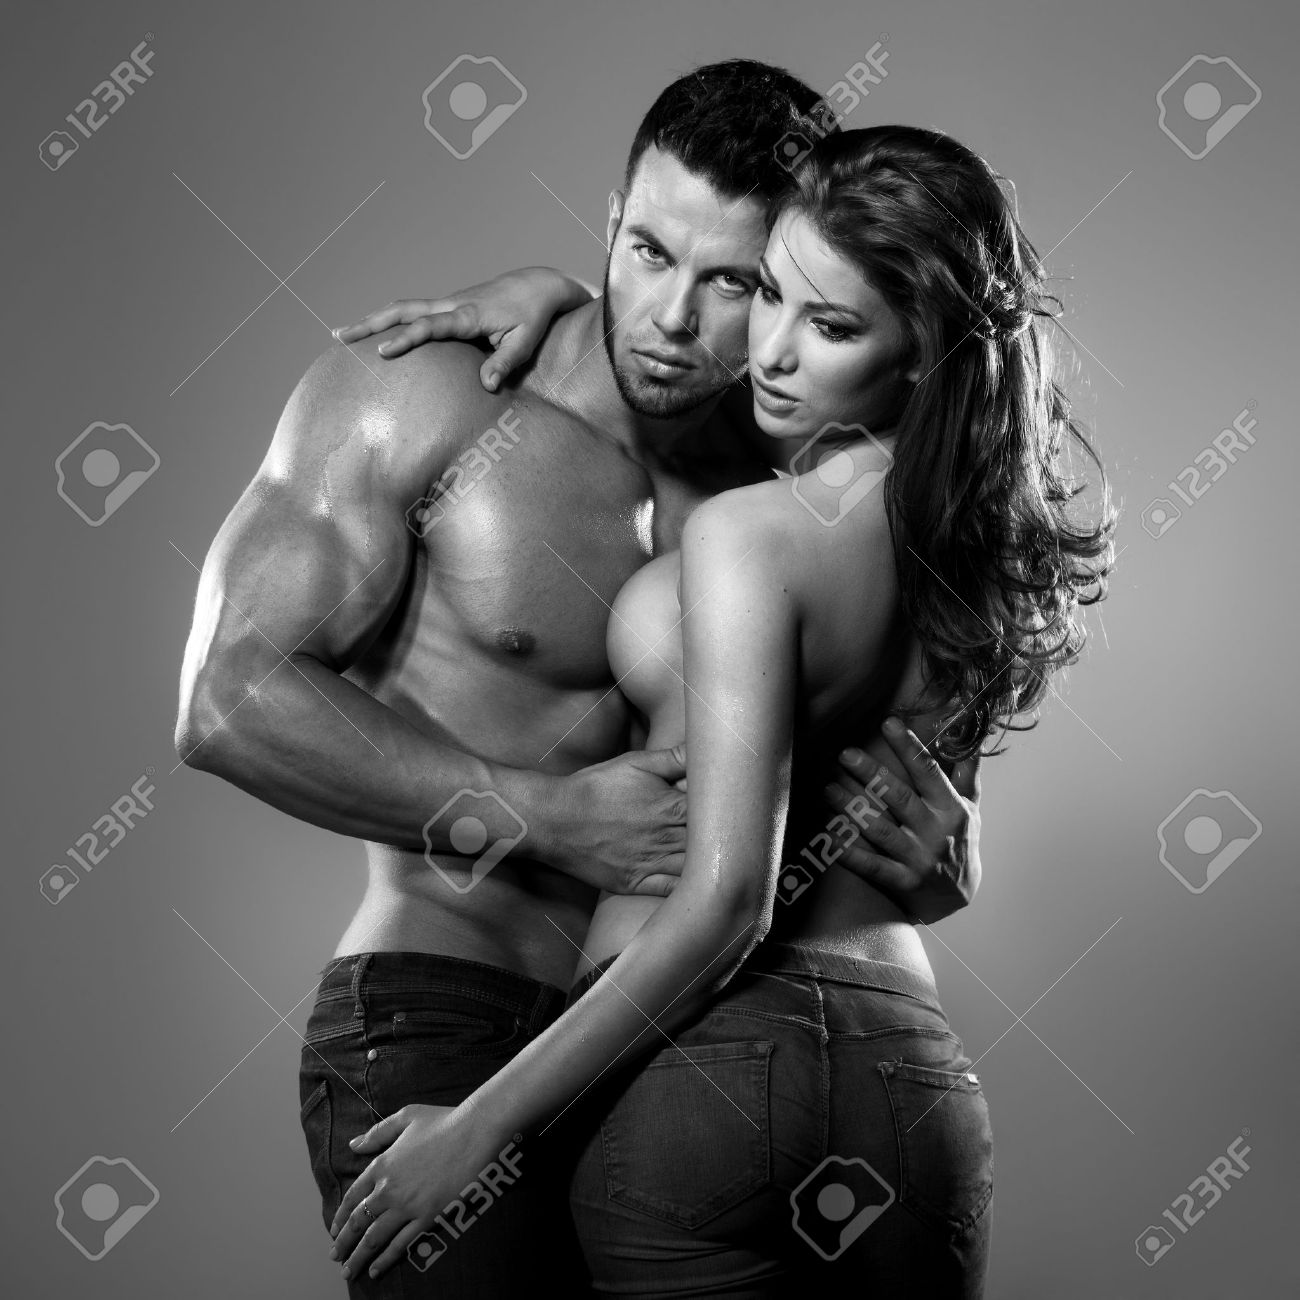 Чувственные фото мужчина и женщина 13 фотография